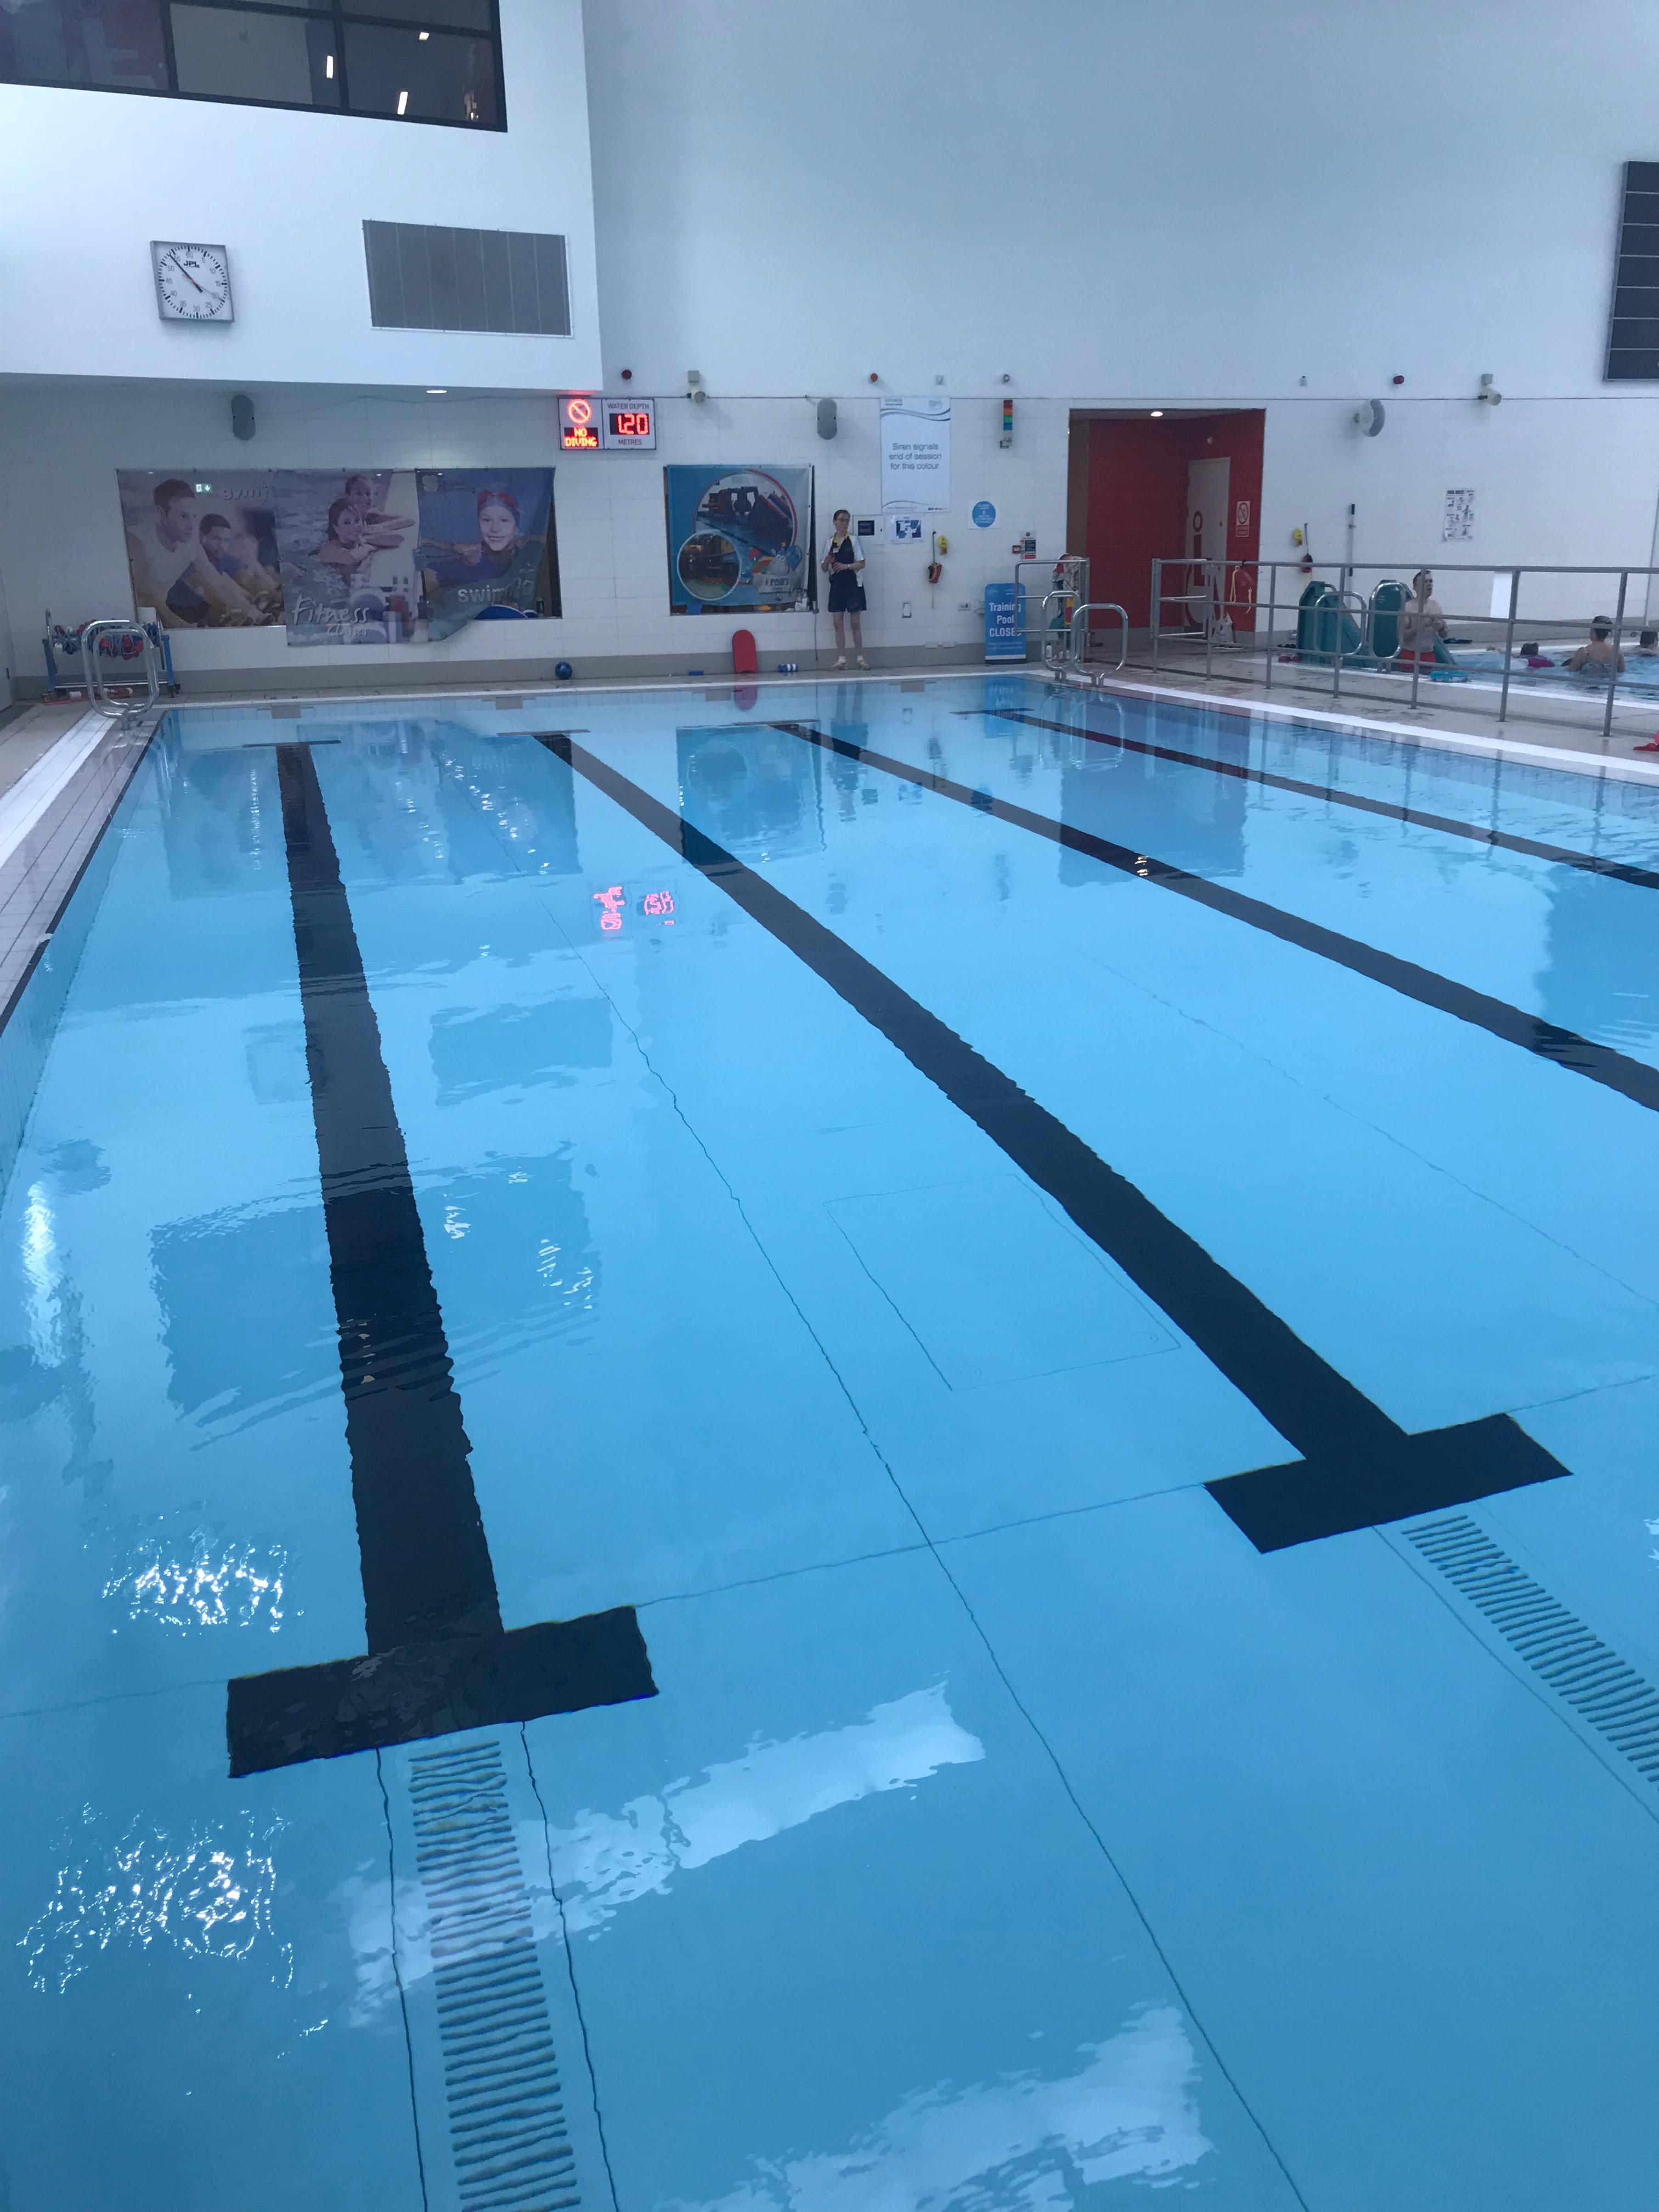 Kirkcaldy Swimming Pool